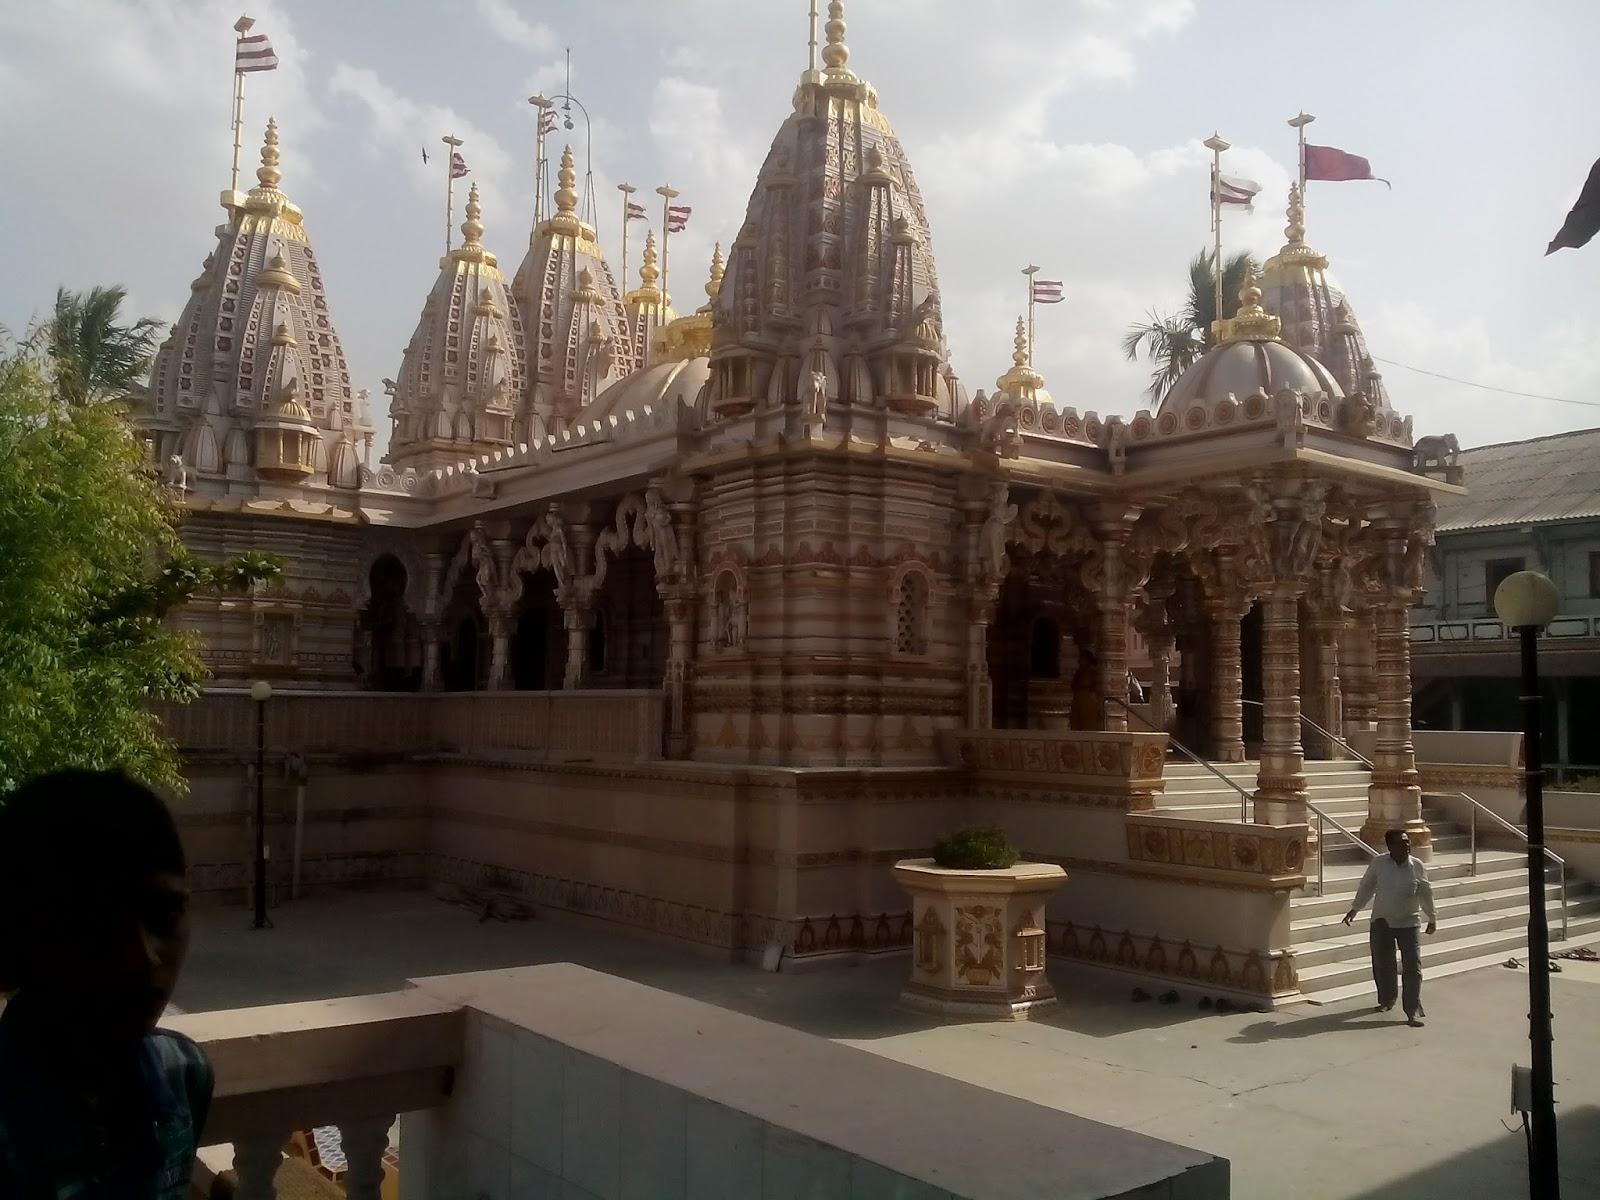 Ghanshyam Maharaj Wallpaper Hd Swaminarayan Temple In Dholera Gujarat